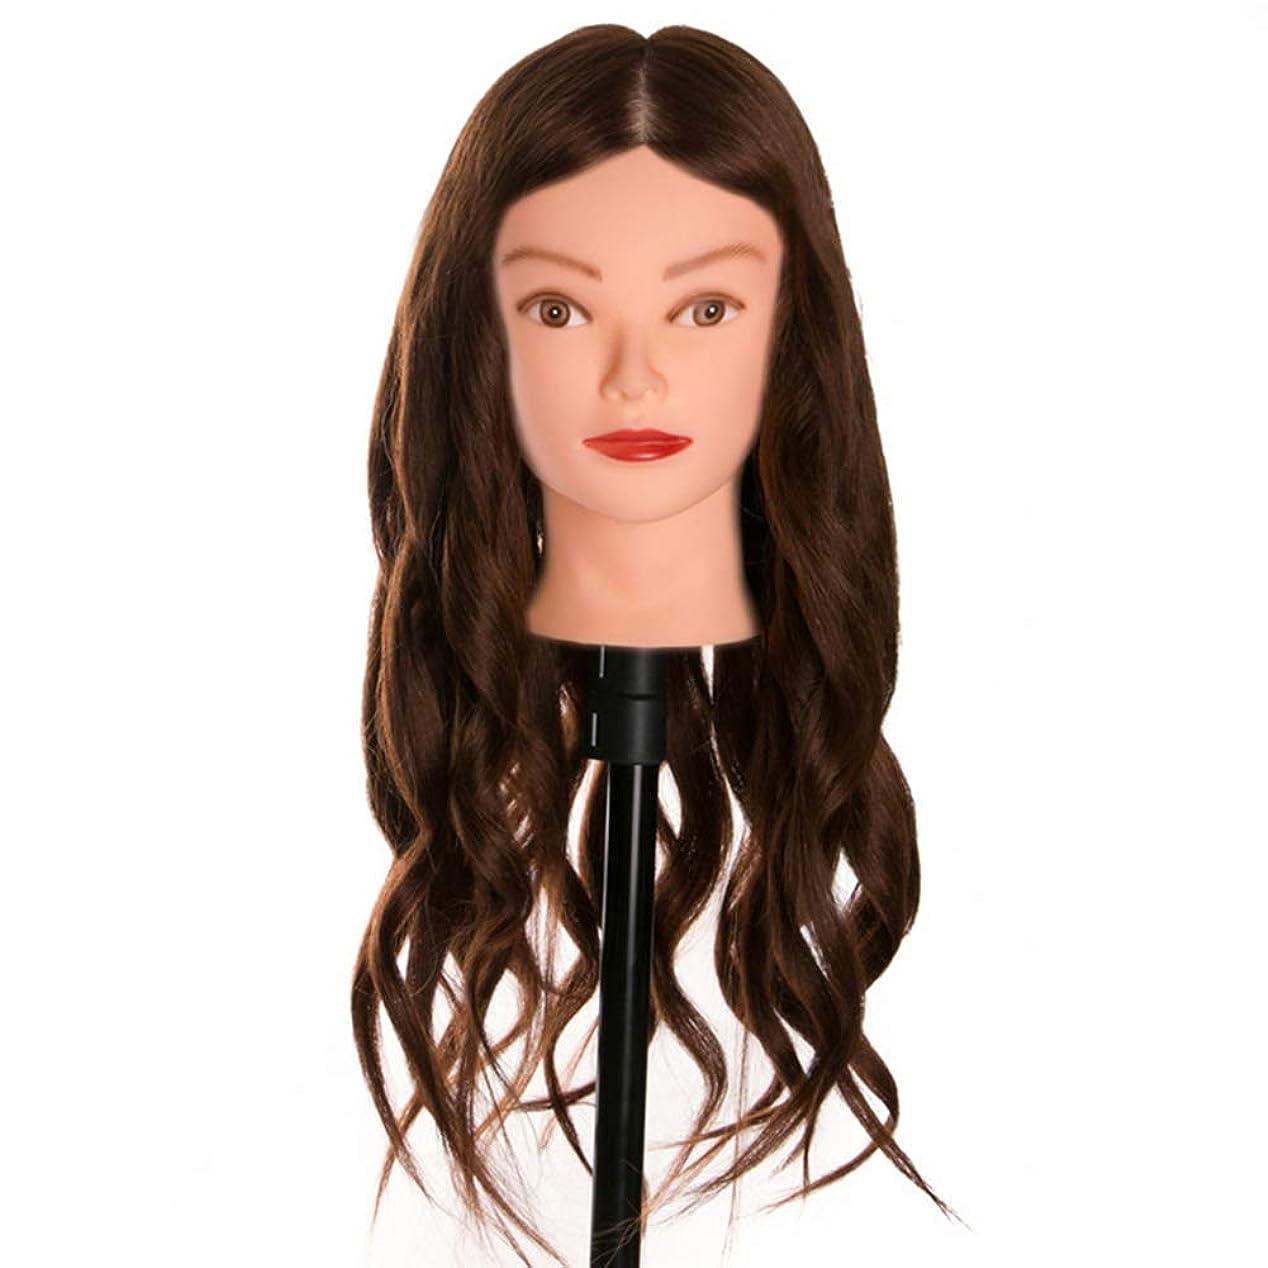 であることロボット避難理髪サロンエクササイズヘッド金型メイクディスクヘアスタイリング編み教育ダミーヘッドヘアカットトレーニングかつら金型3個